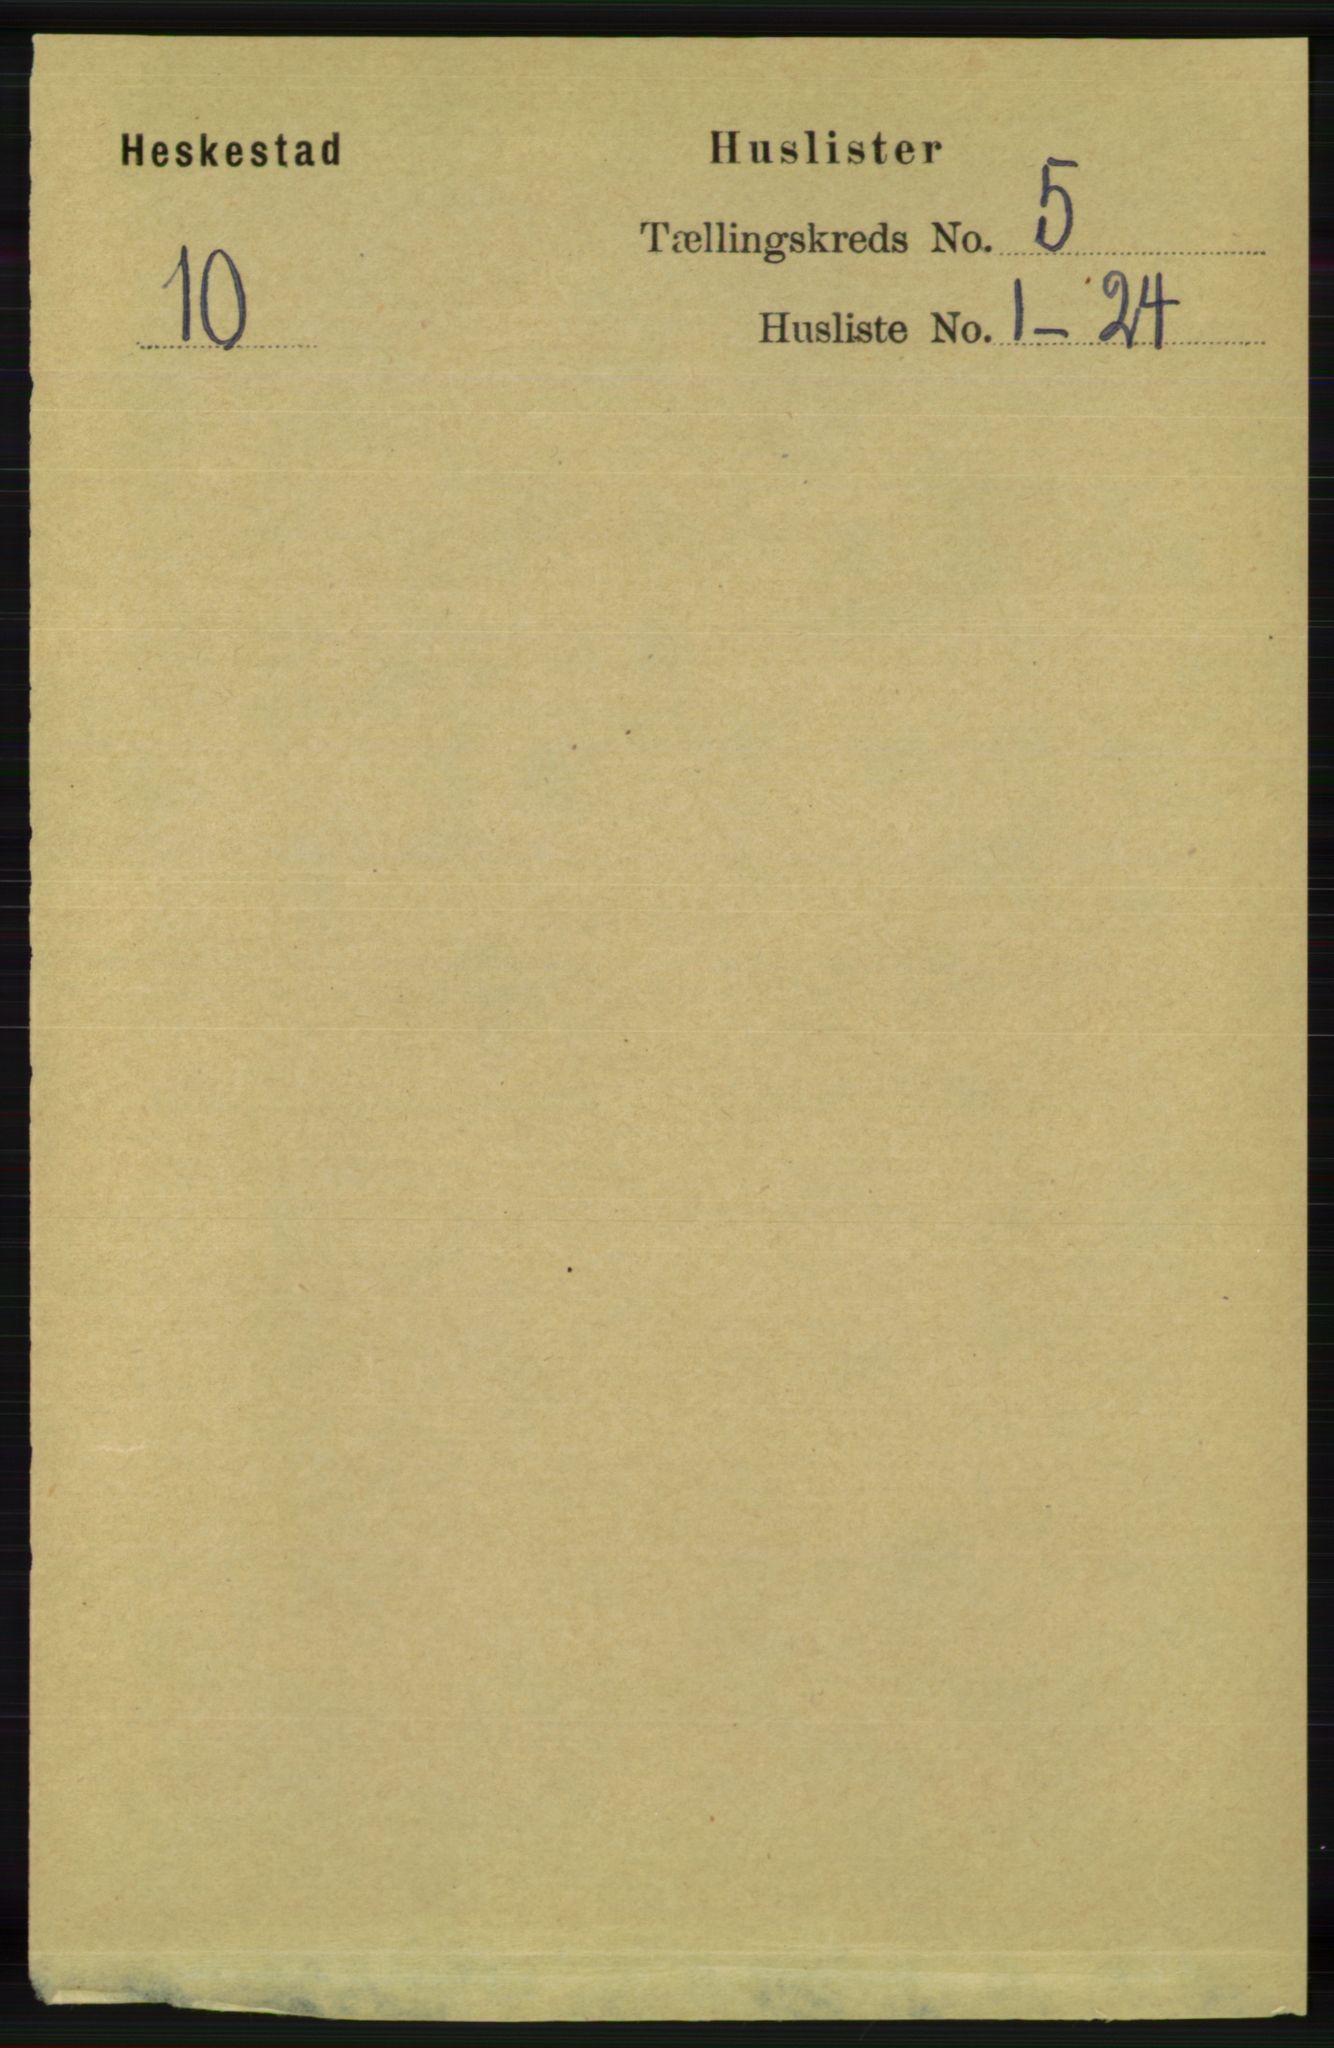 RA, Folketelling 1891 for 1113 Heskestad herred, 1891, s. 845